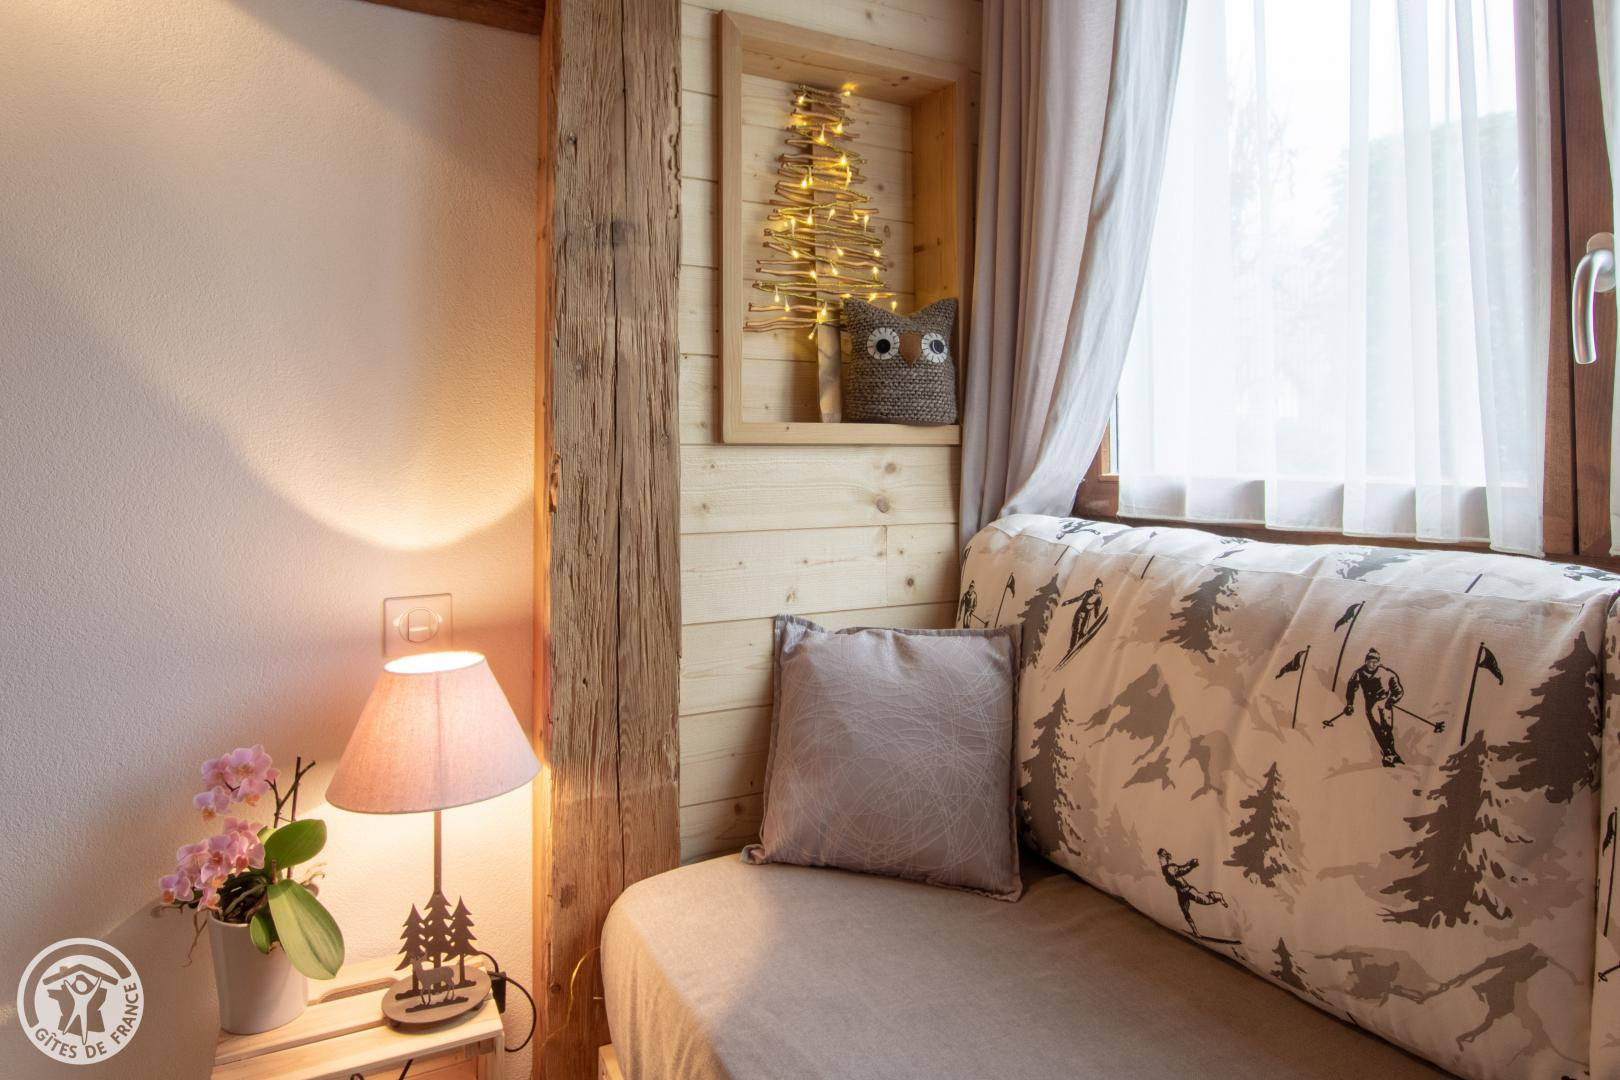 Location-Vacances - Chambre D'Hôtes La Grangelitte À dedans Chambres D4Hotes